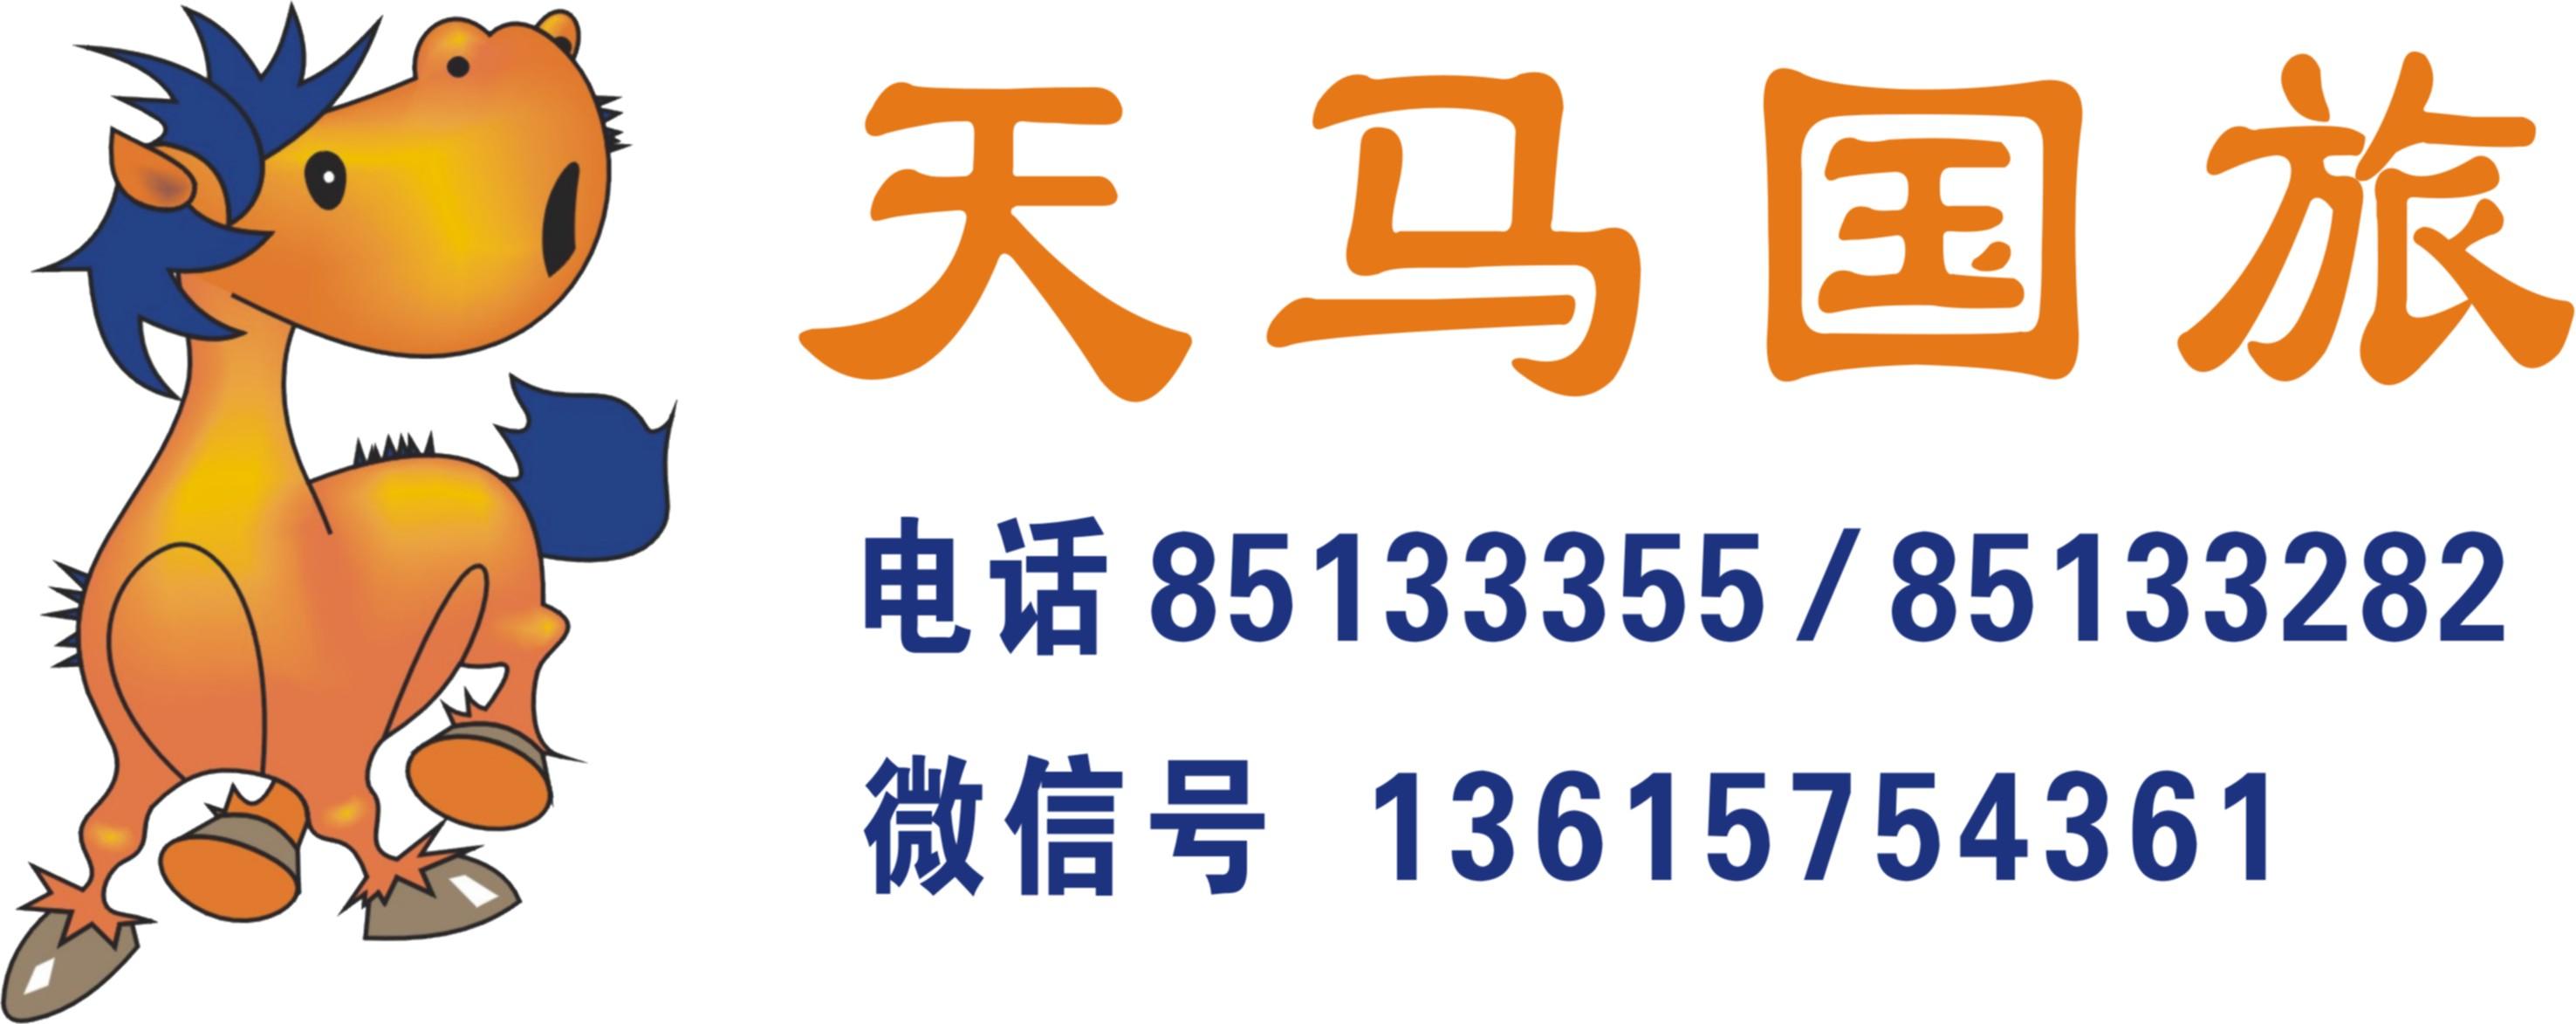 4-6月【惠享潮汕 潮州+汕头+南澳岛+青澳湾三日】经济酒店